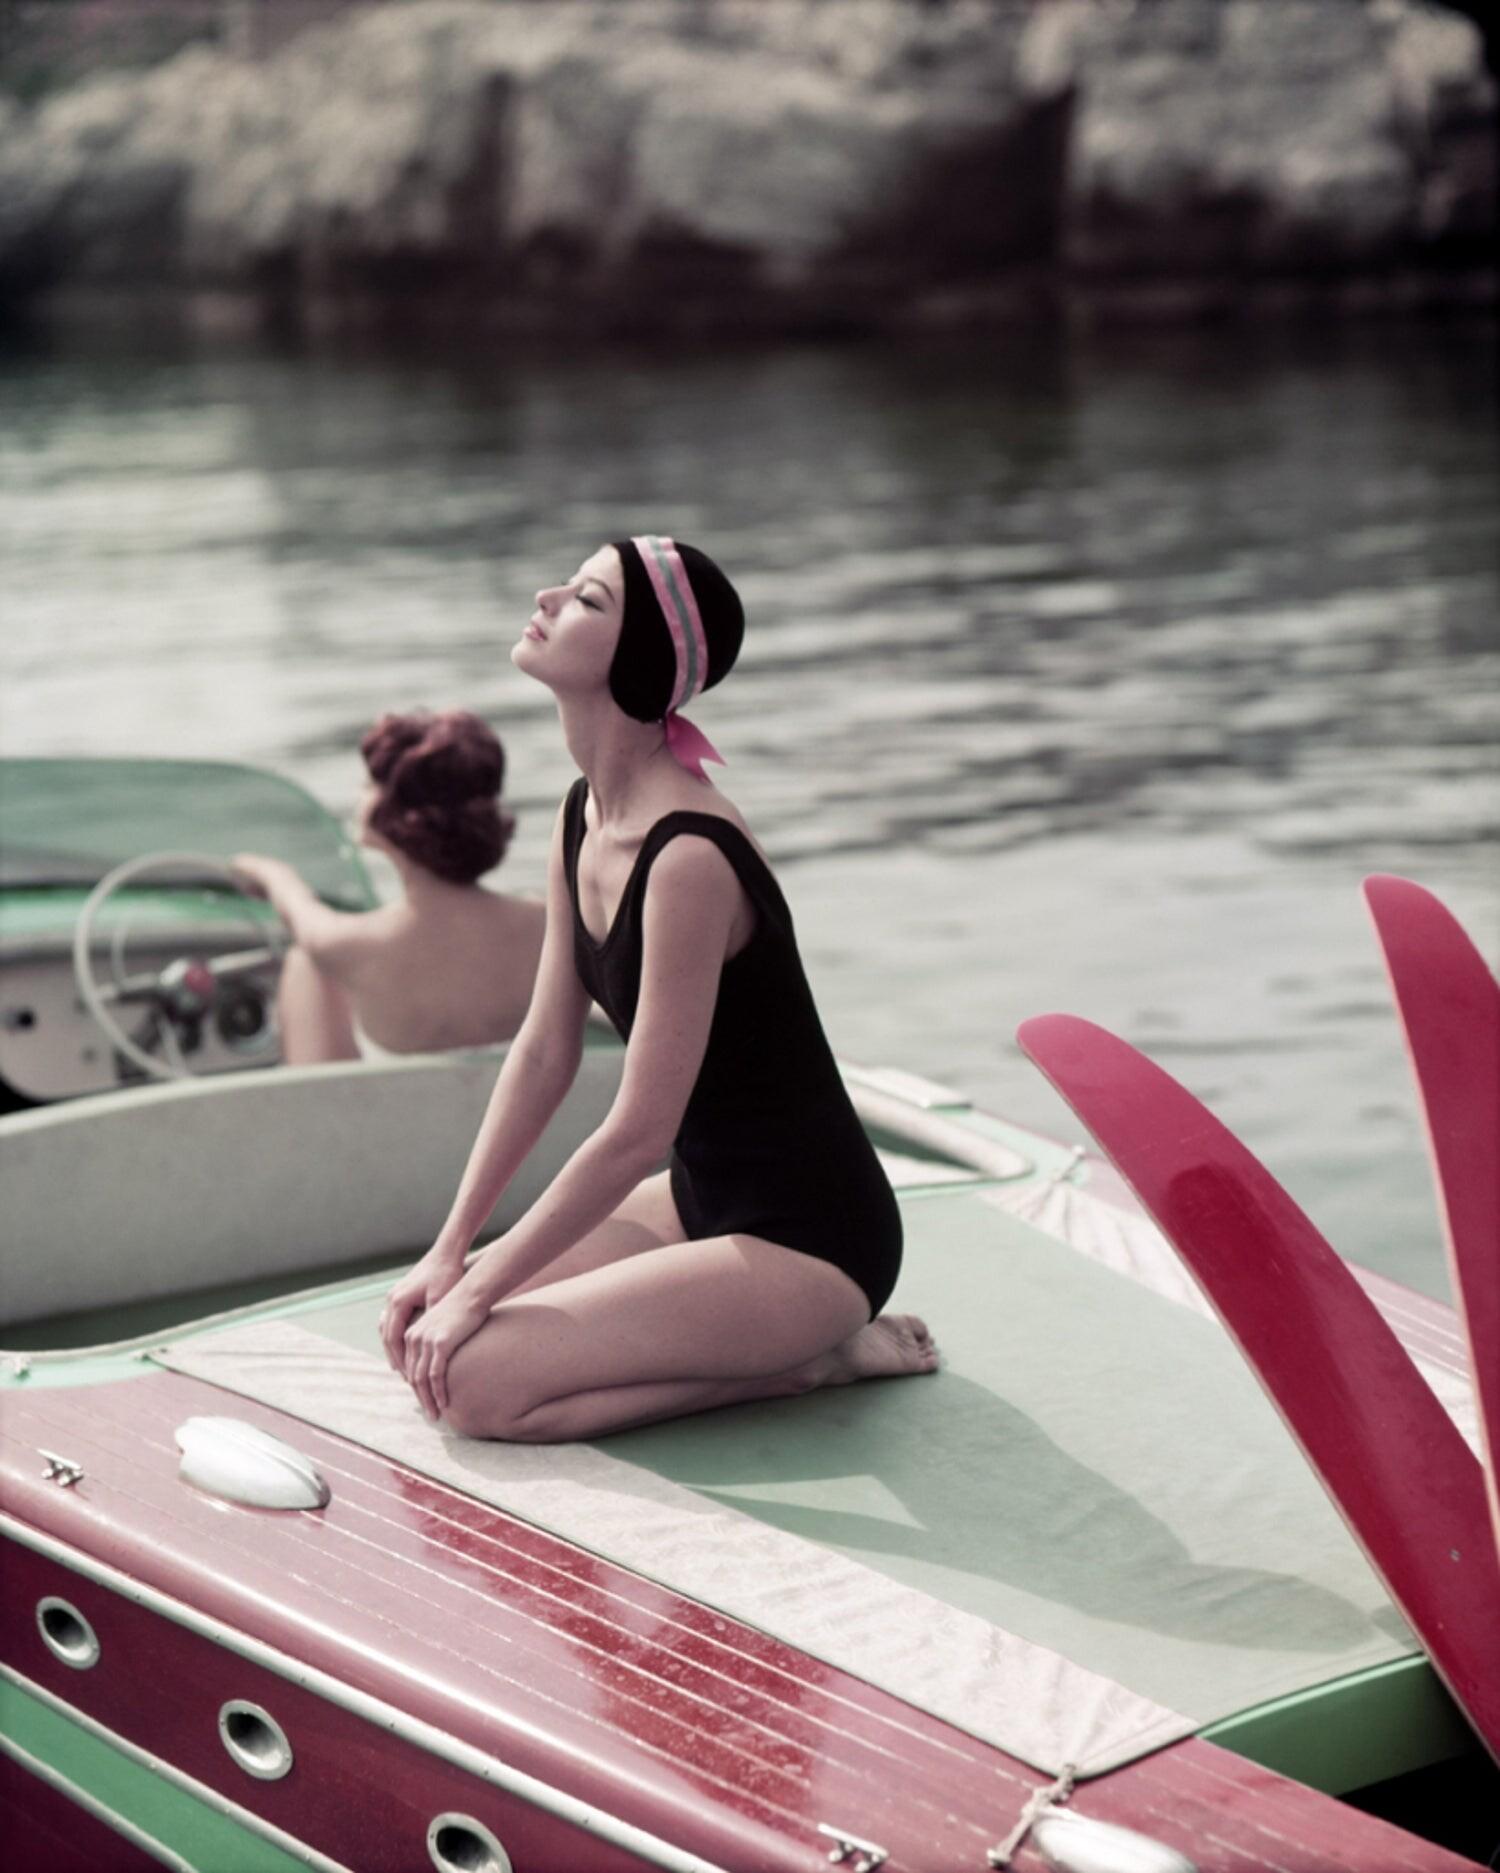 Антиб, 1957. Фотограф Жорж Дамбье